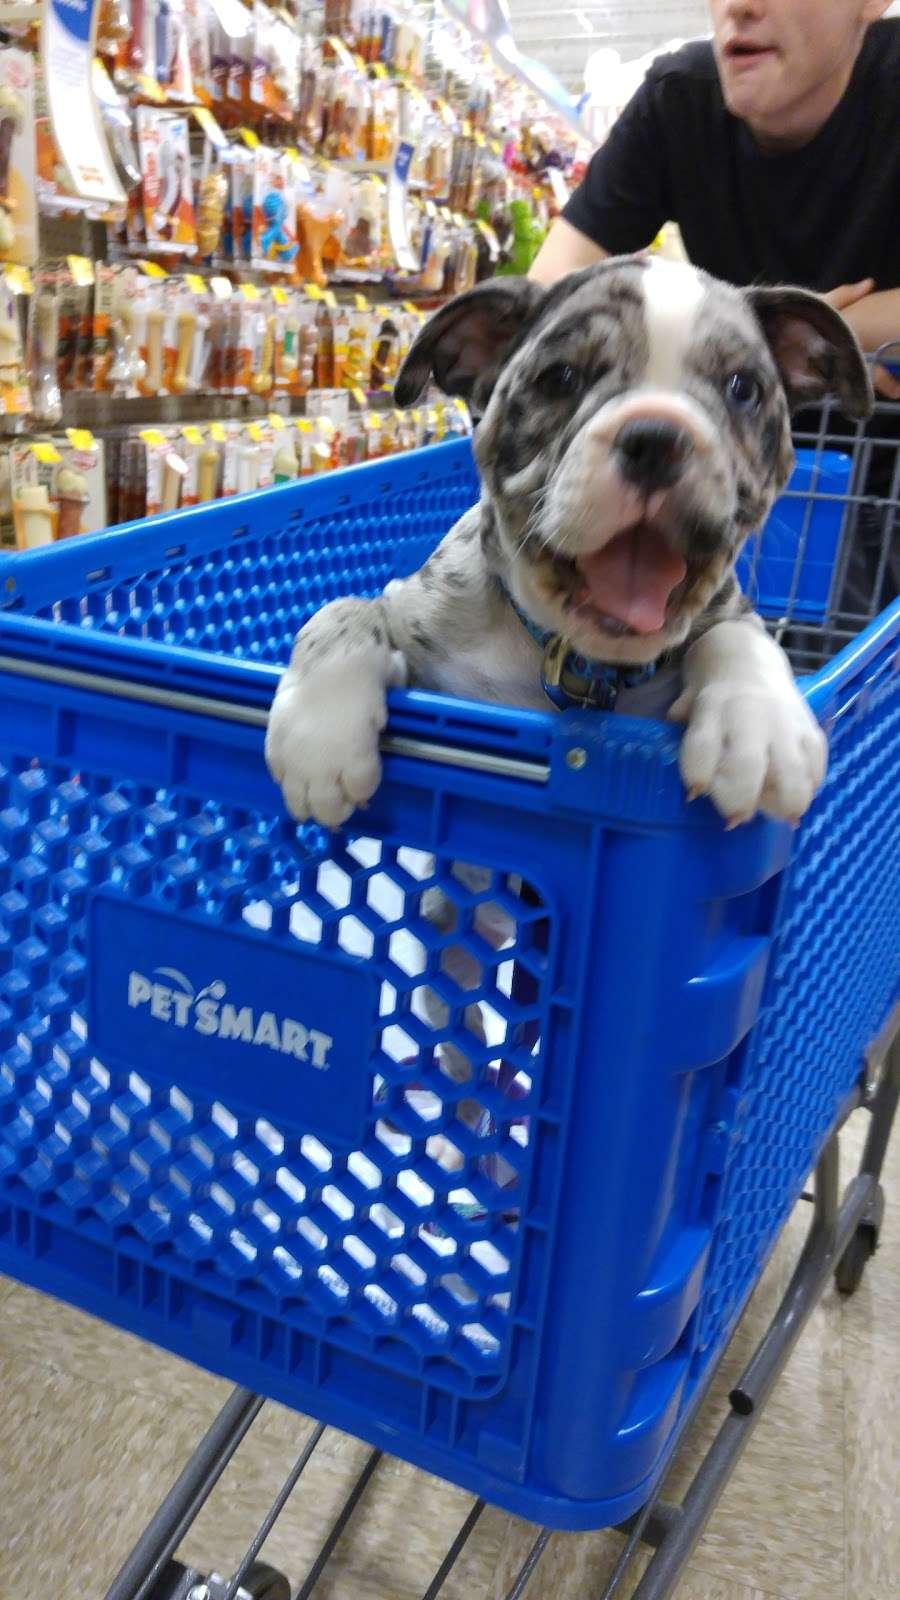 Petsmart Store 534 North Us 441 Lady Lake Fl 32159 Usa